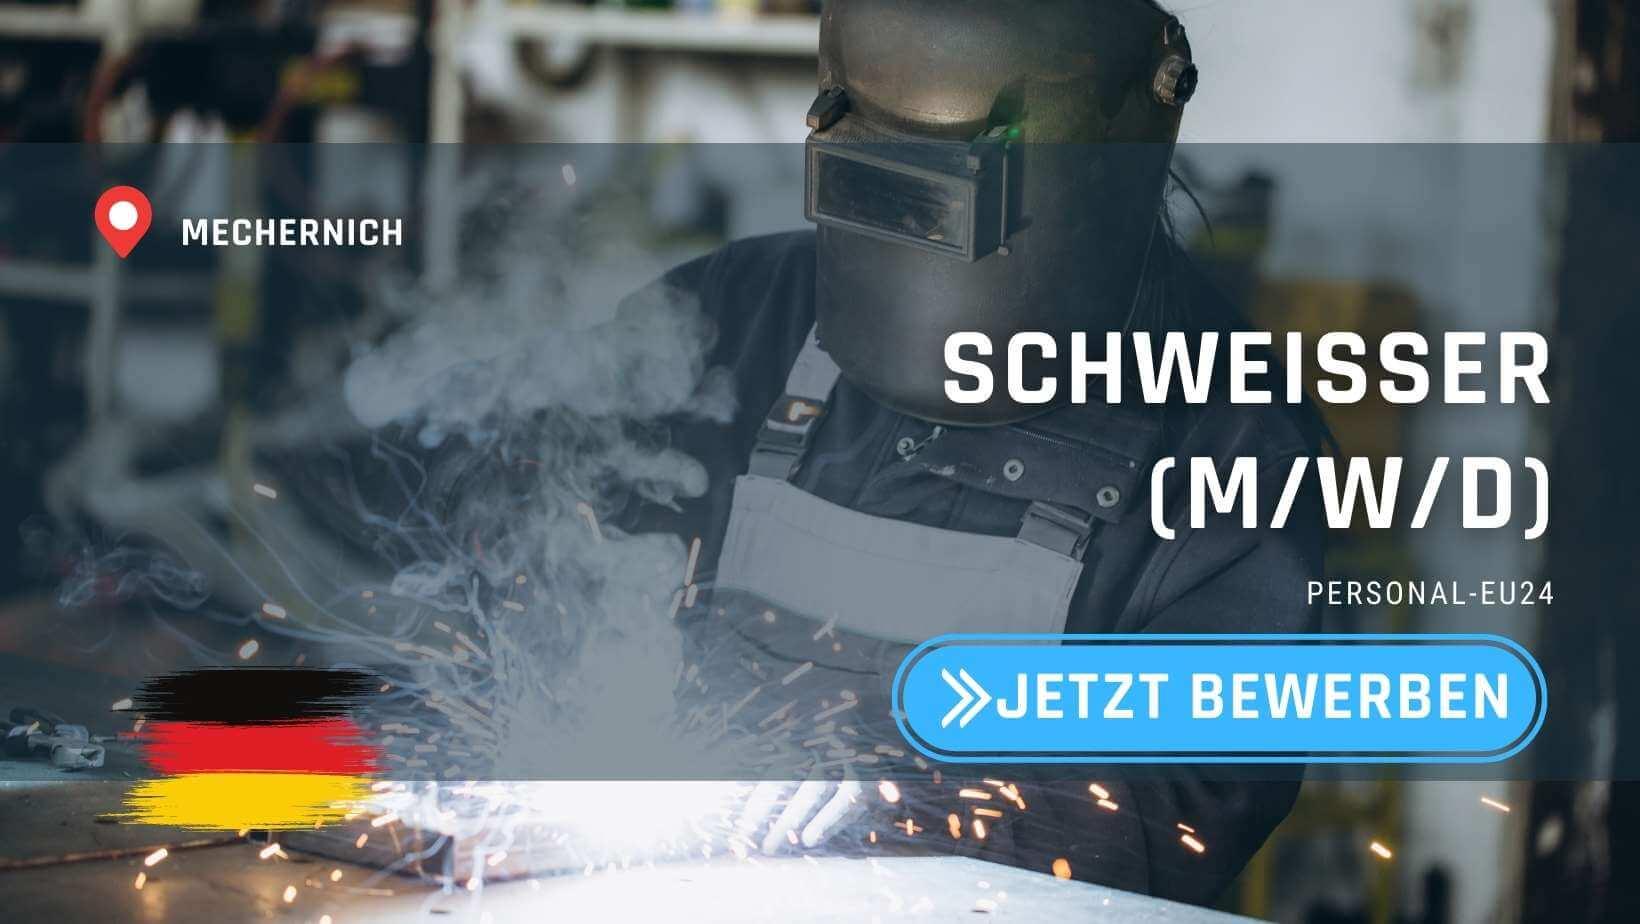 DE_K0052_120 Schweißer (mwd) Jobs in Mechernich_